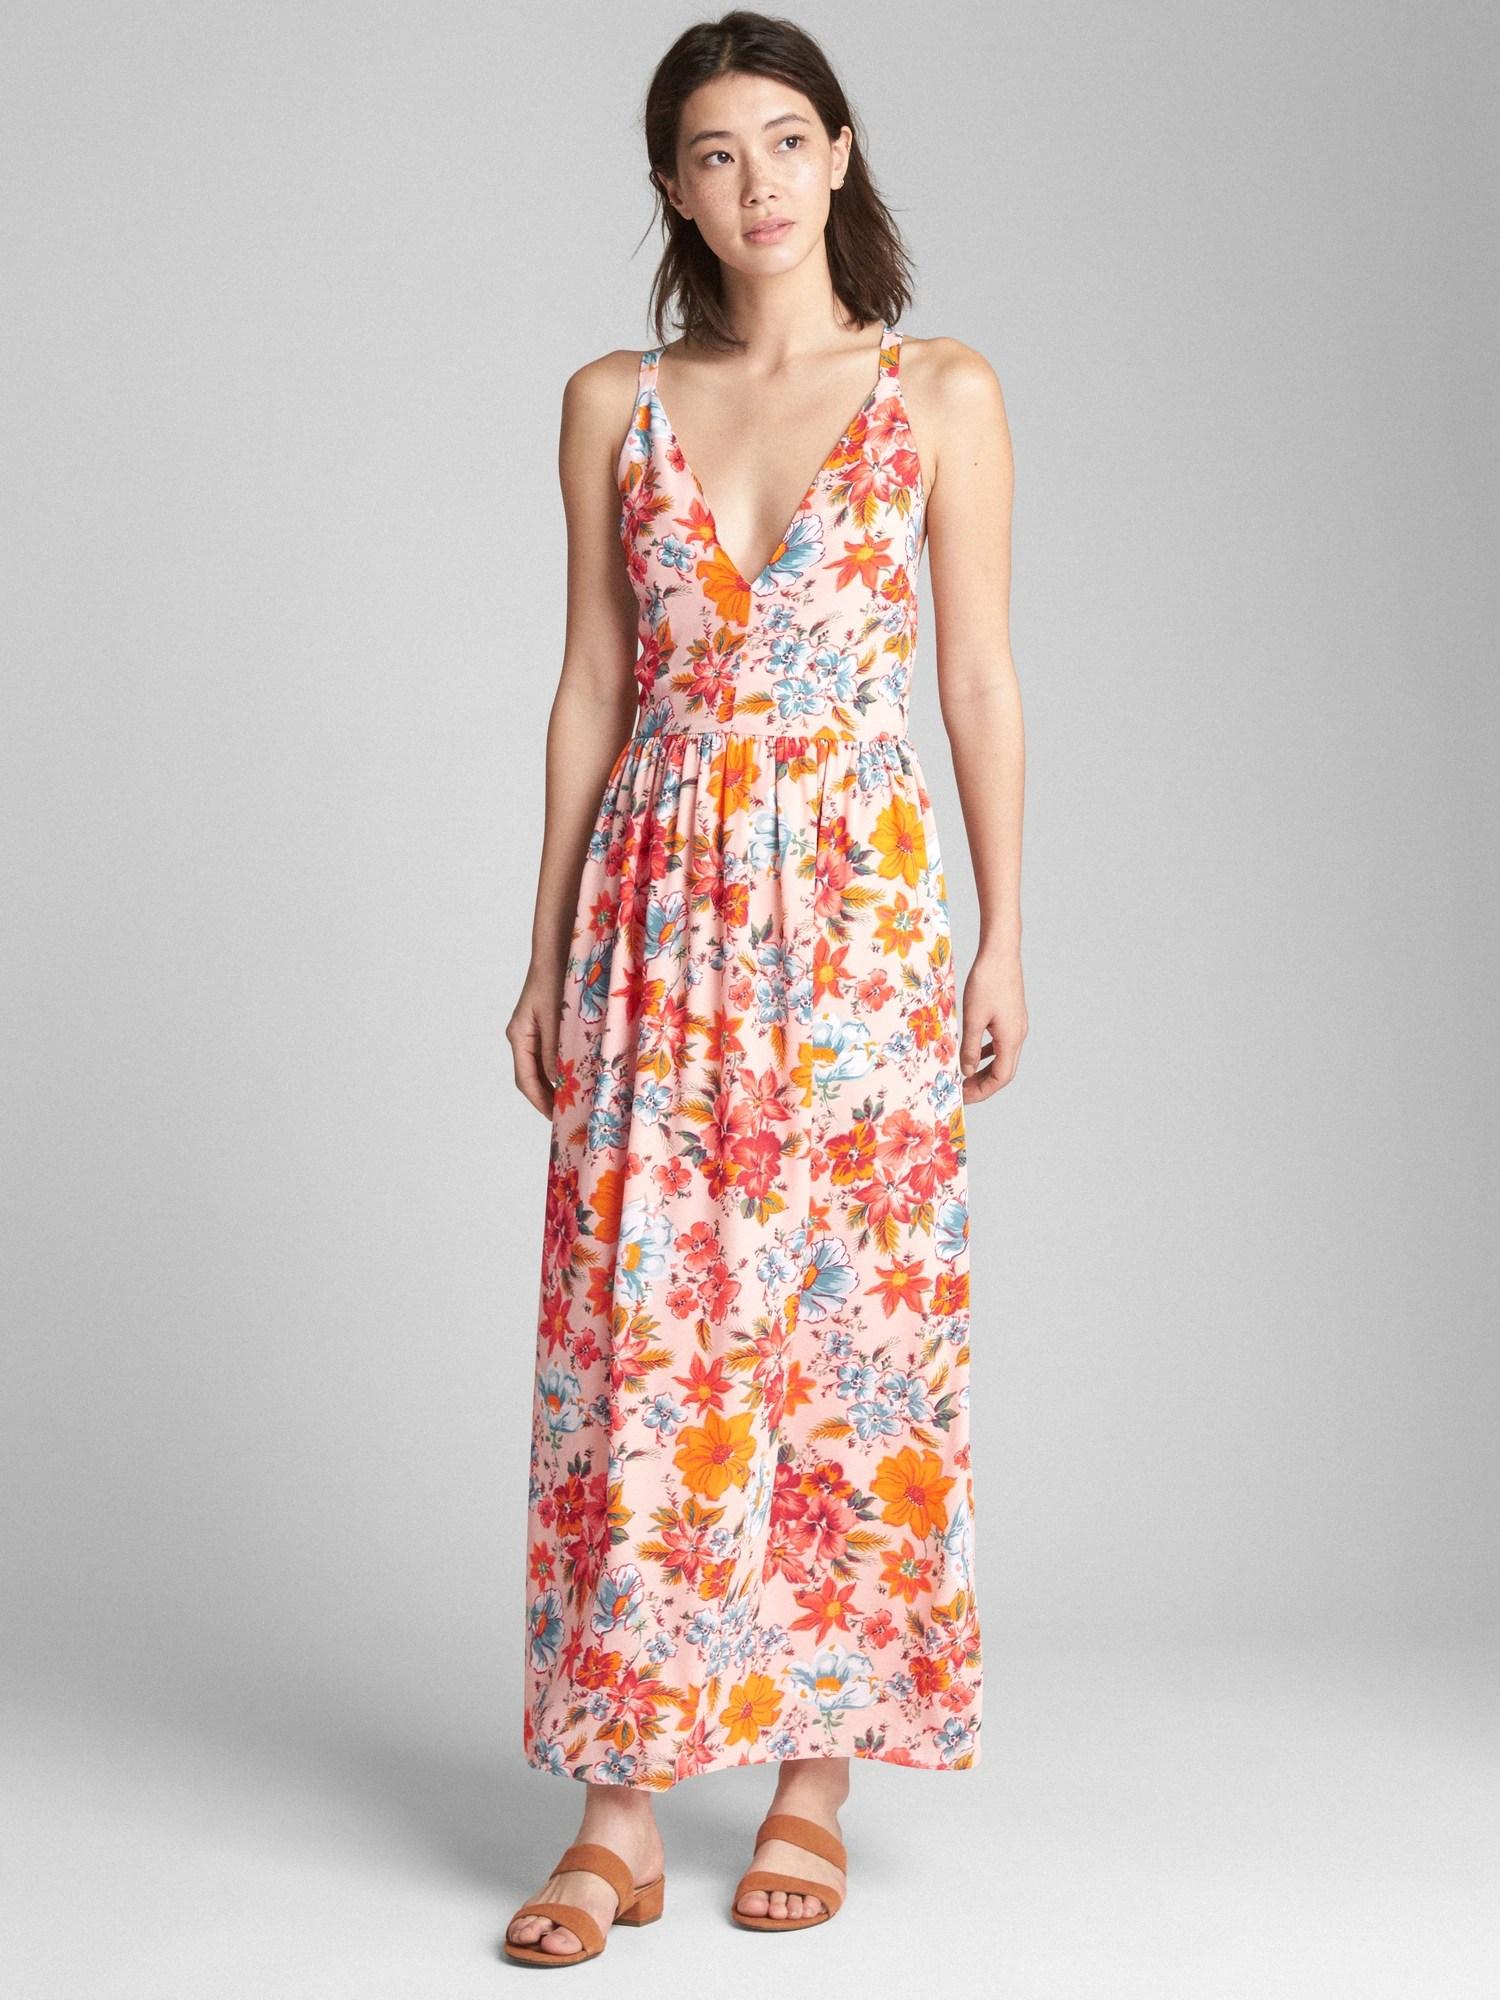 Splendid Floral Maxi Dress Floral Maxi Dress Gap V Neck Dress Shirts V Neck Dress Formal wedding dress V Neck Dress